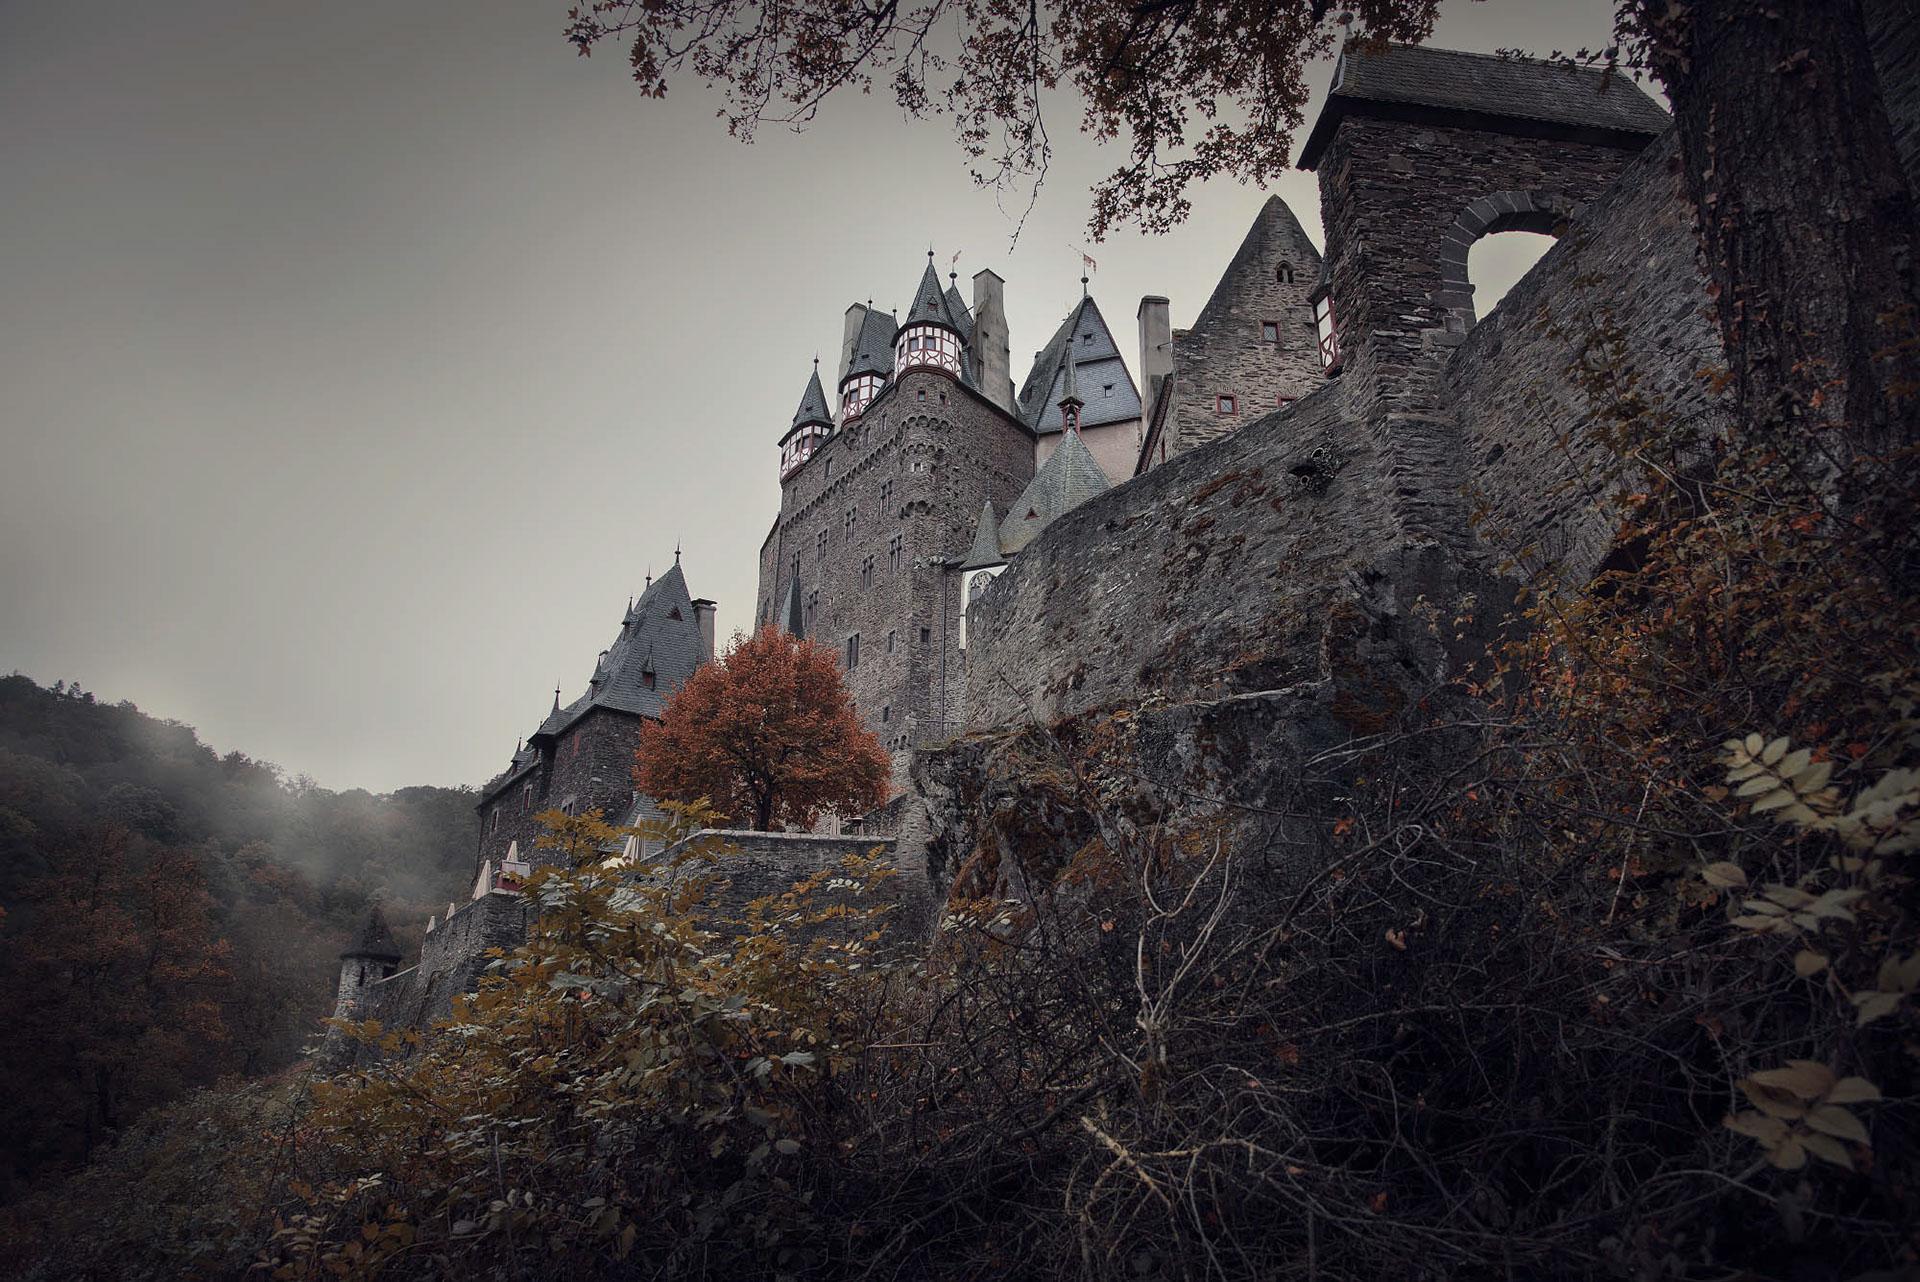 Замок Эльц Burg Eltz / фото Fabian Krueger